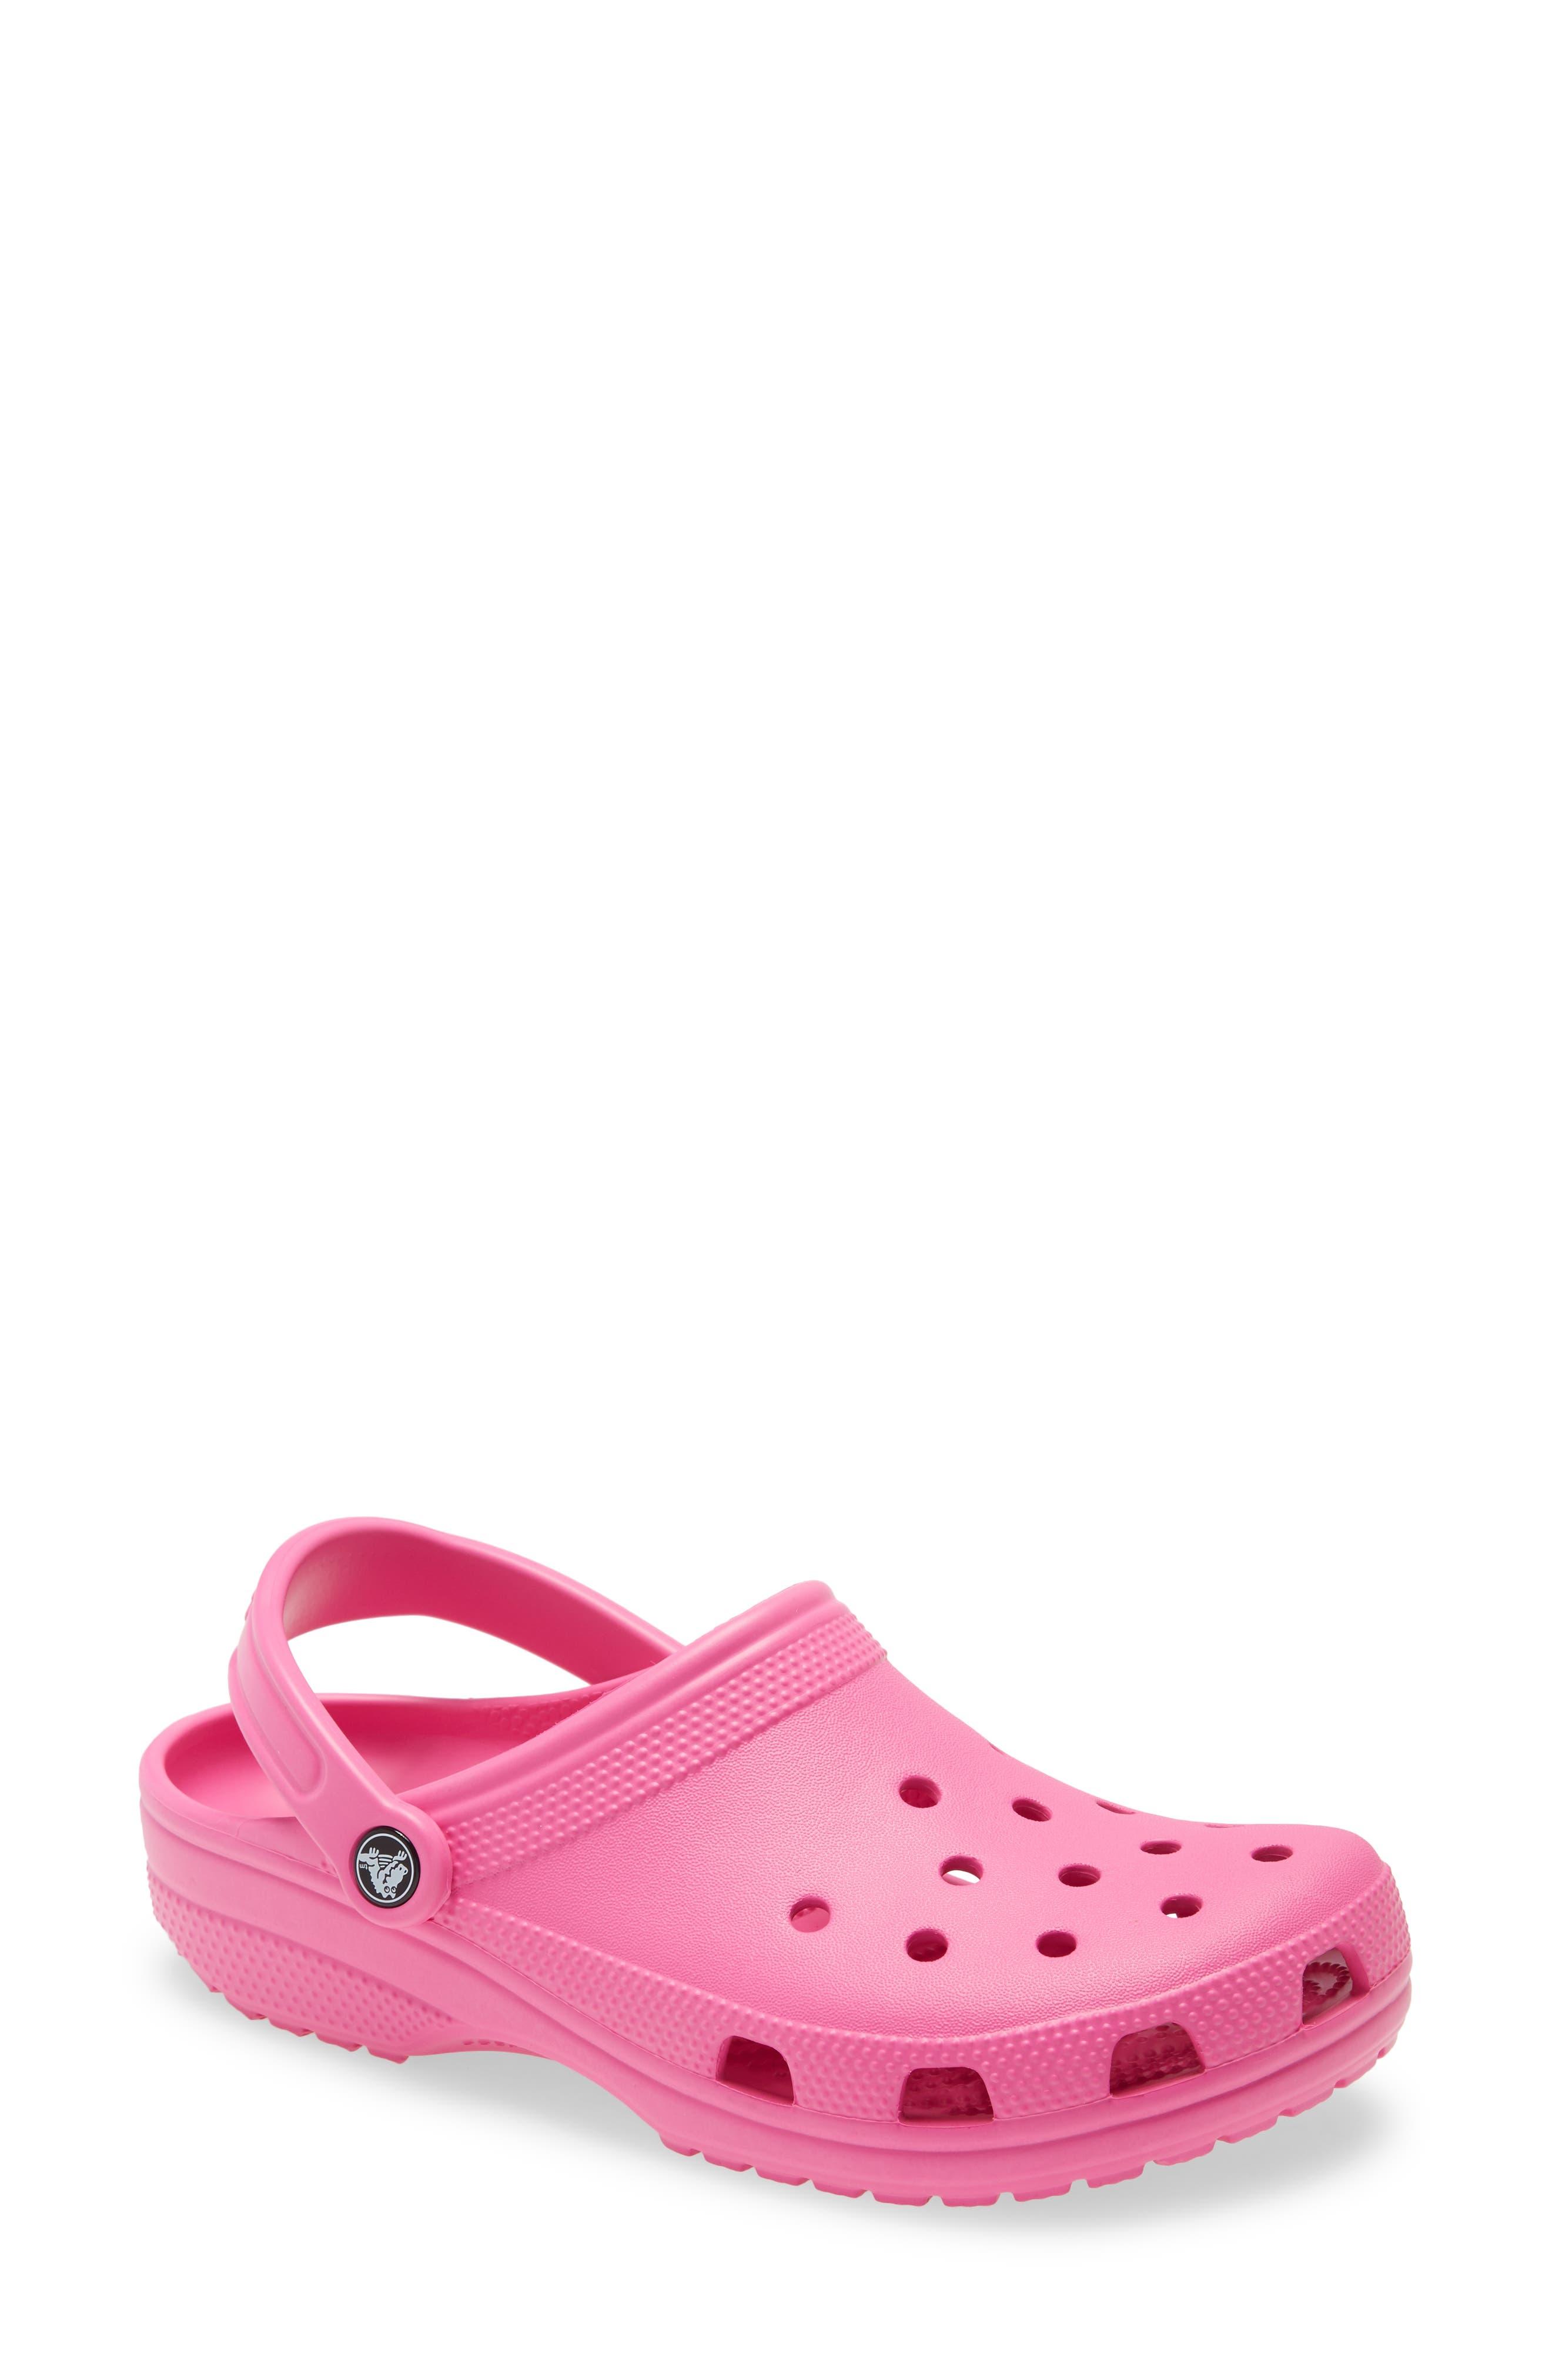 Crocs(TM) Classic Clog